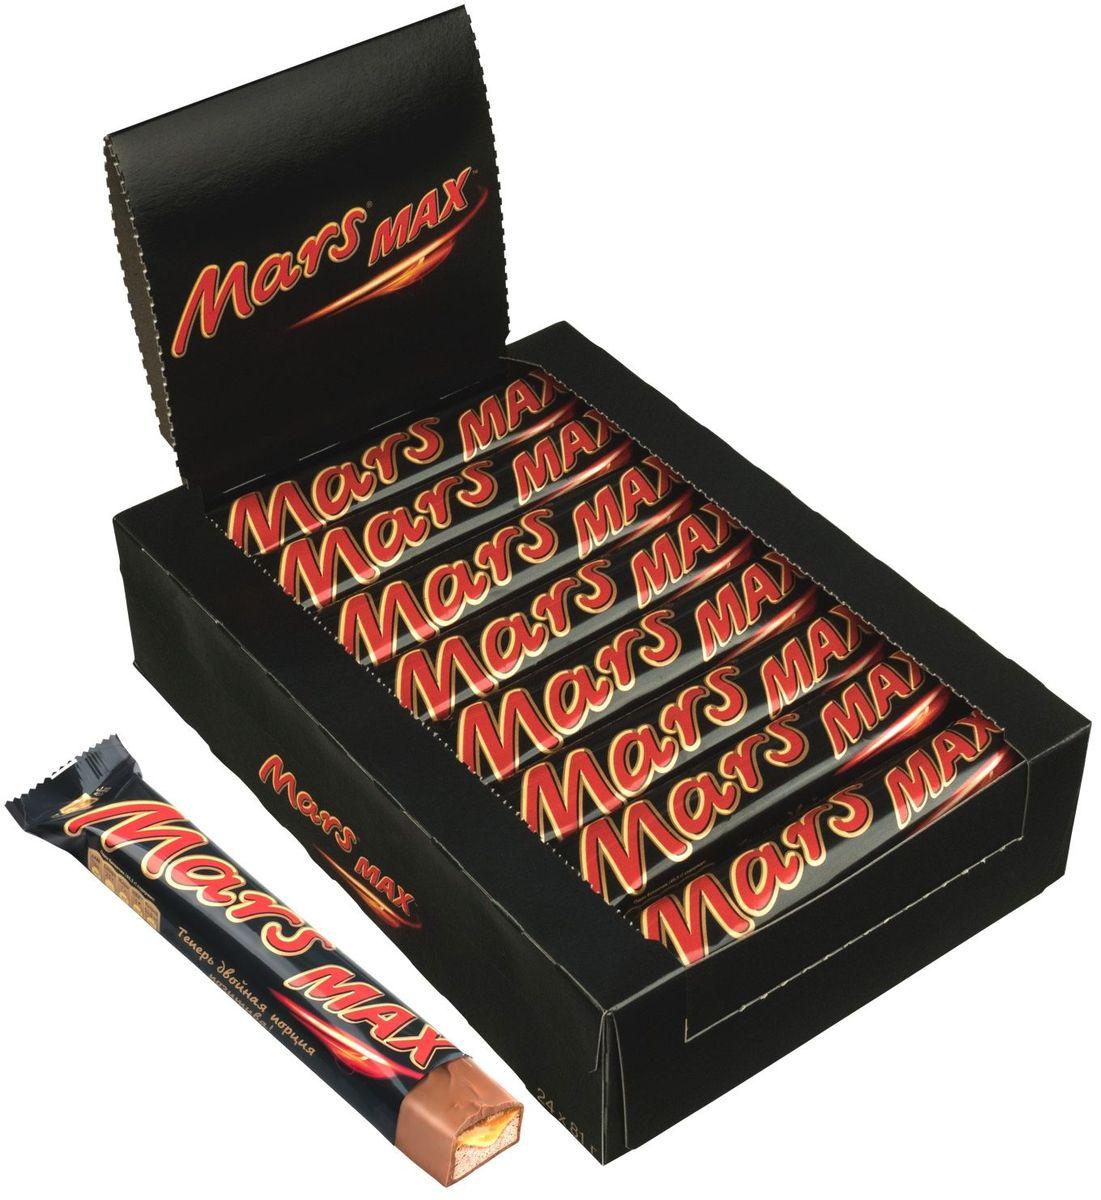 Mars Max шоколадный батончик, 24 шт по 81 г79010048Батончик MARS - это уникальное сочетание нуги, карамели и лучшего молочного шоколада, отличный способ перекусить с удовольствием